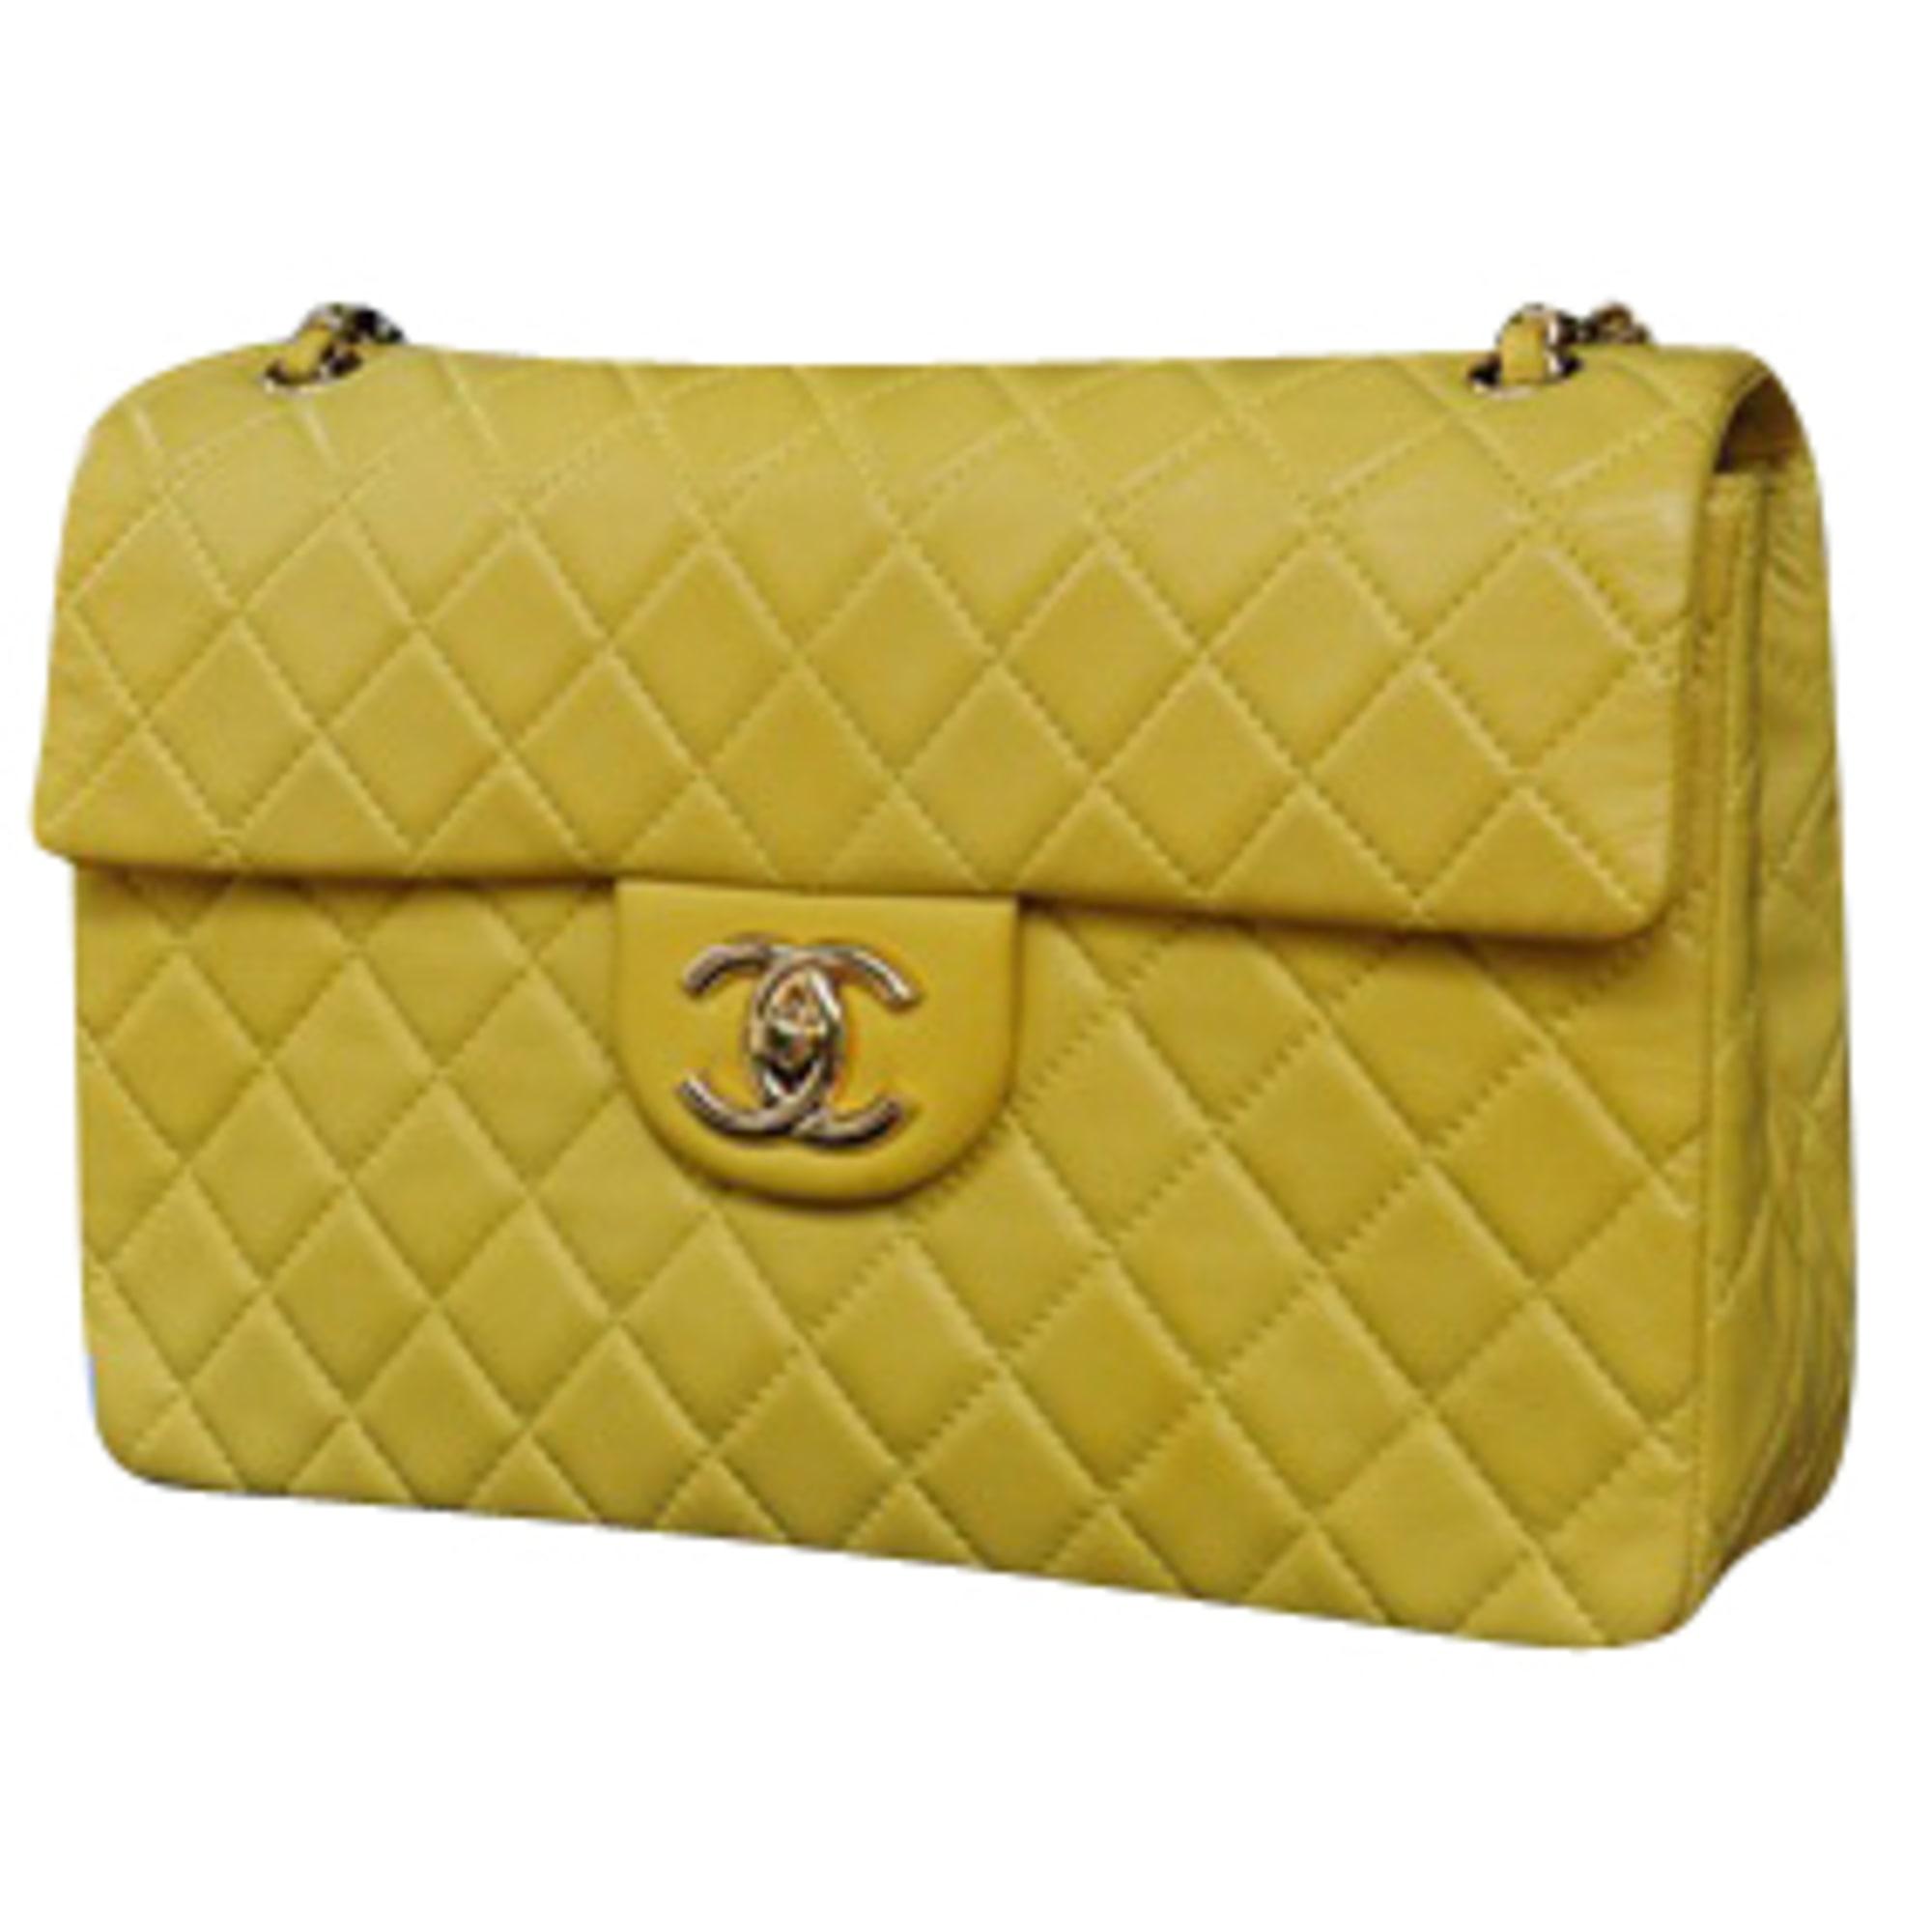 Sac en bandoulière en cuir CHANEL jaune vendu par Luxe recyclé - 1403237 8ce458b1fa3